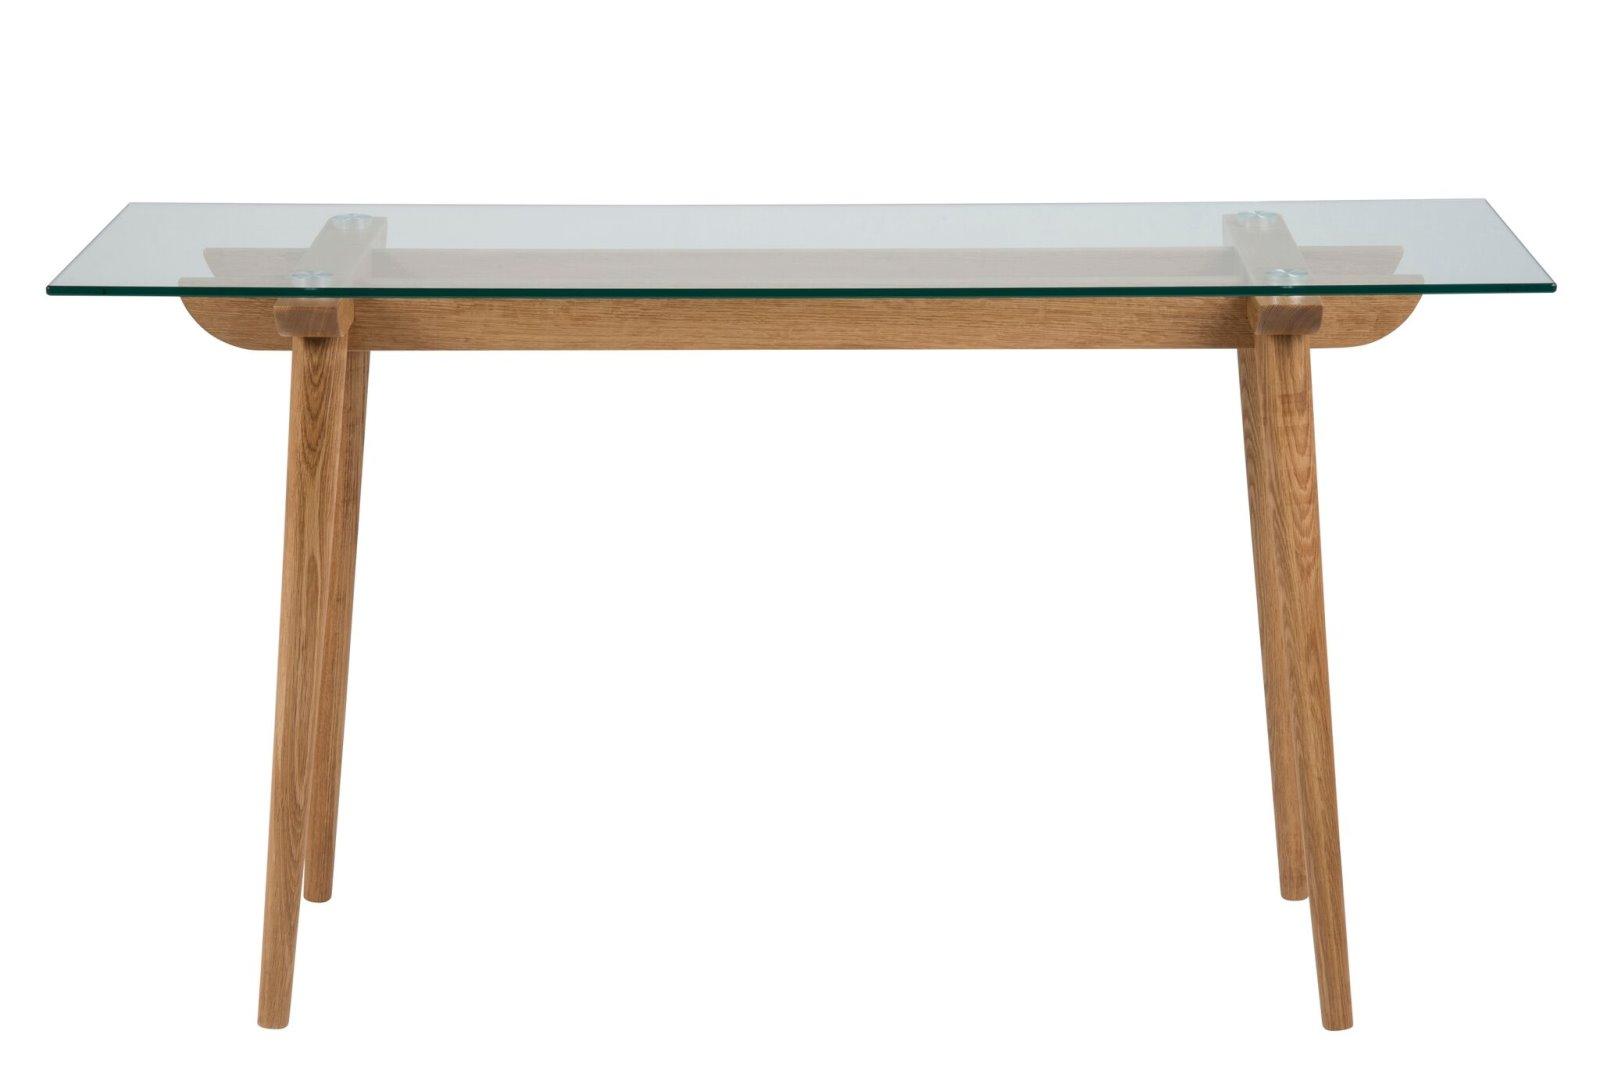 pkline konsolentisch ted aus glas und eiche schminktisch tisch glastisch m bel wohnen. Black Bedroom Furniture Sets. Home Design Ideas